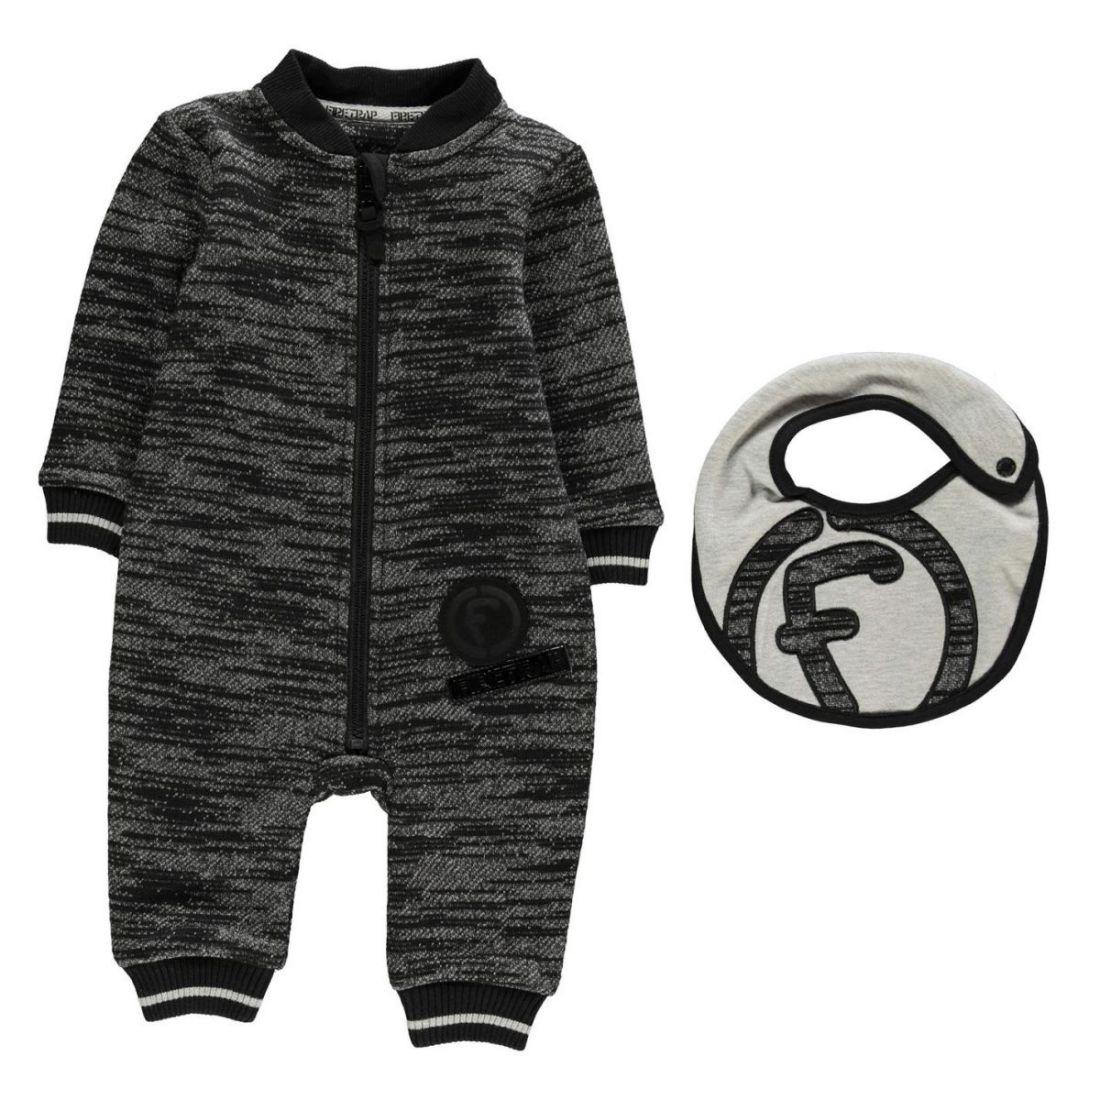 1678a76b8 Kids Boys Firetrap Fleece Romper Suit Baby Rompers Sleep Long Sleeve ...